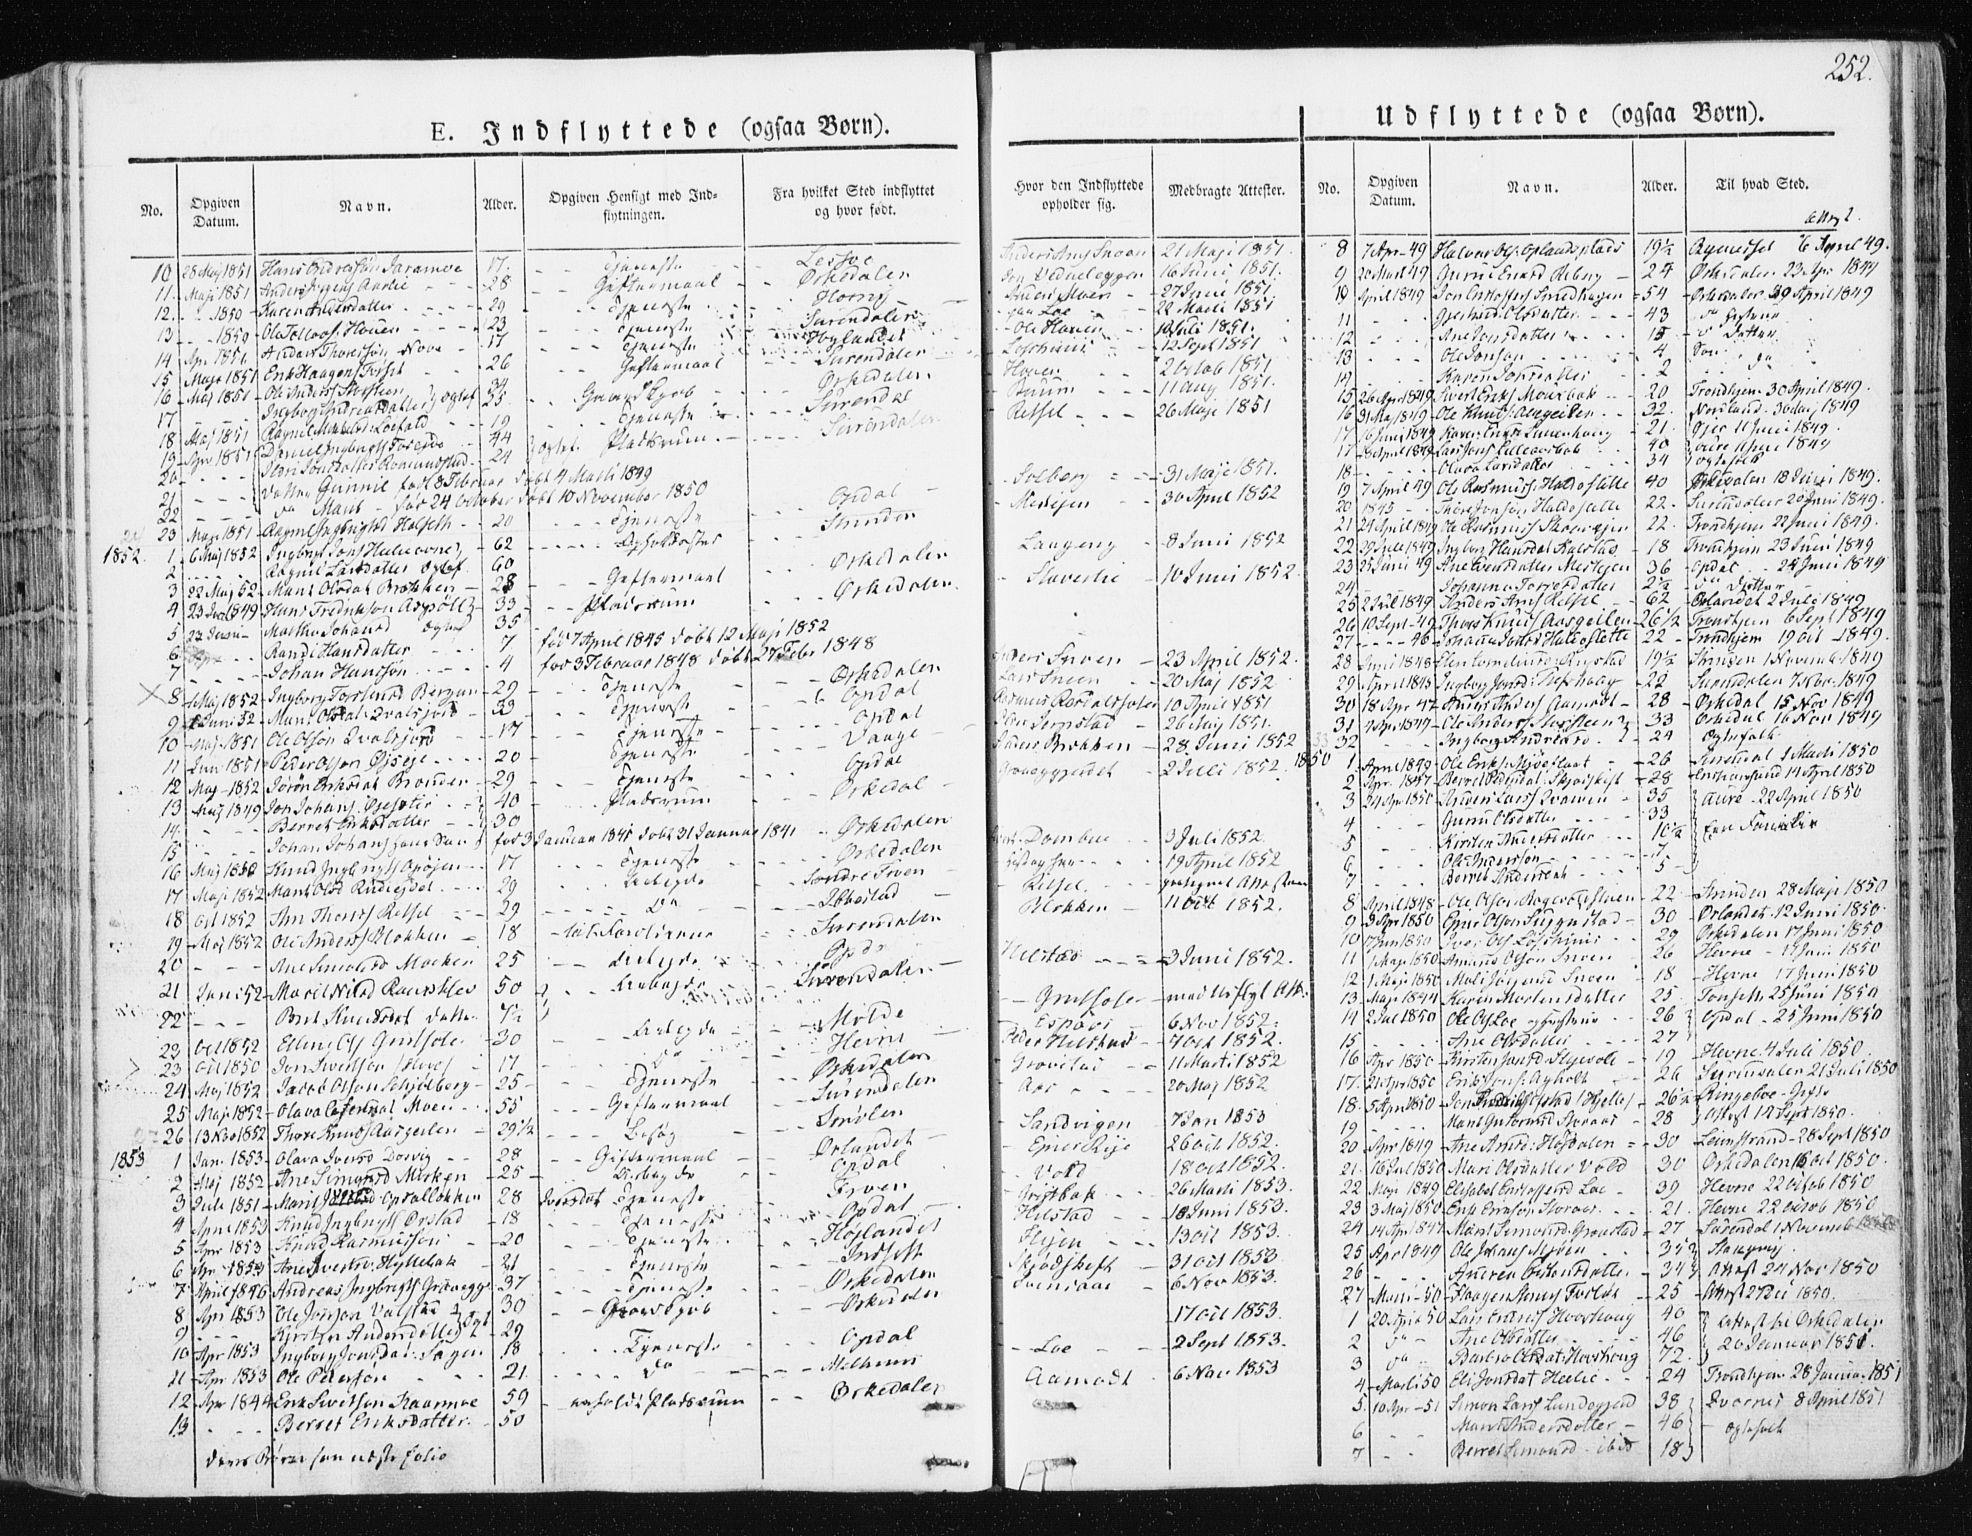 SAT, Ministerialprotokoller, klokkerbøker og fødselsregistre - Sør-Trøndelag, 672/L0855: Ministerialbok nr. 672A07, 1829-1860, s. 252